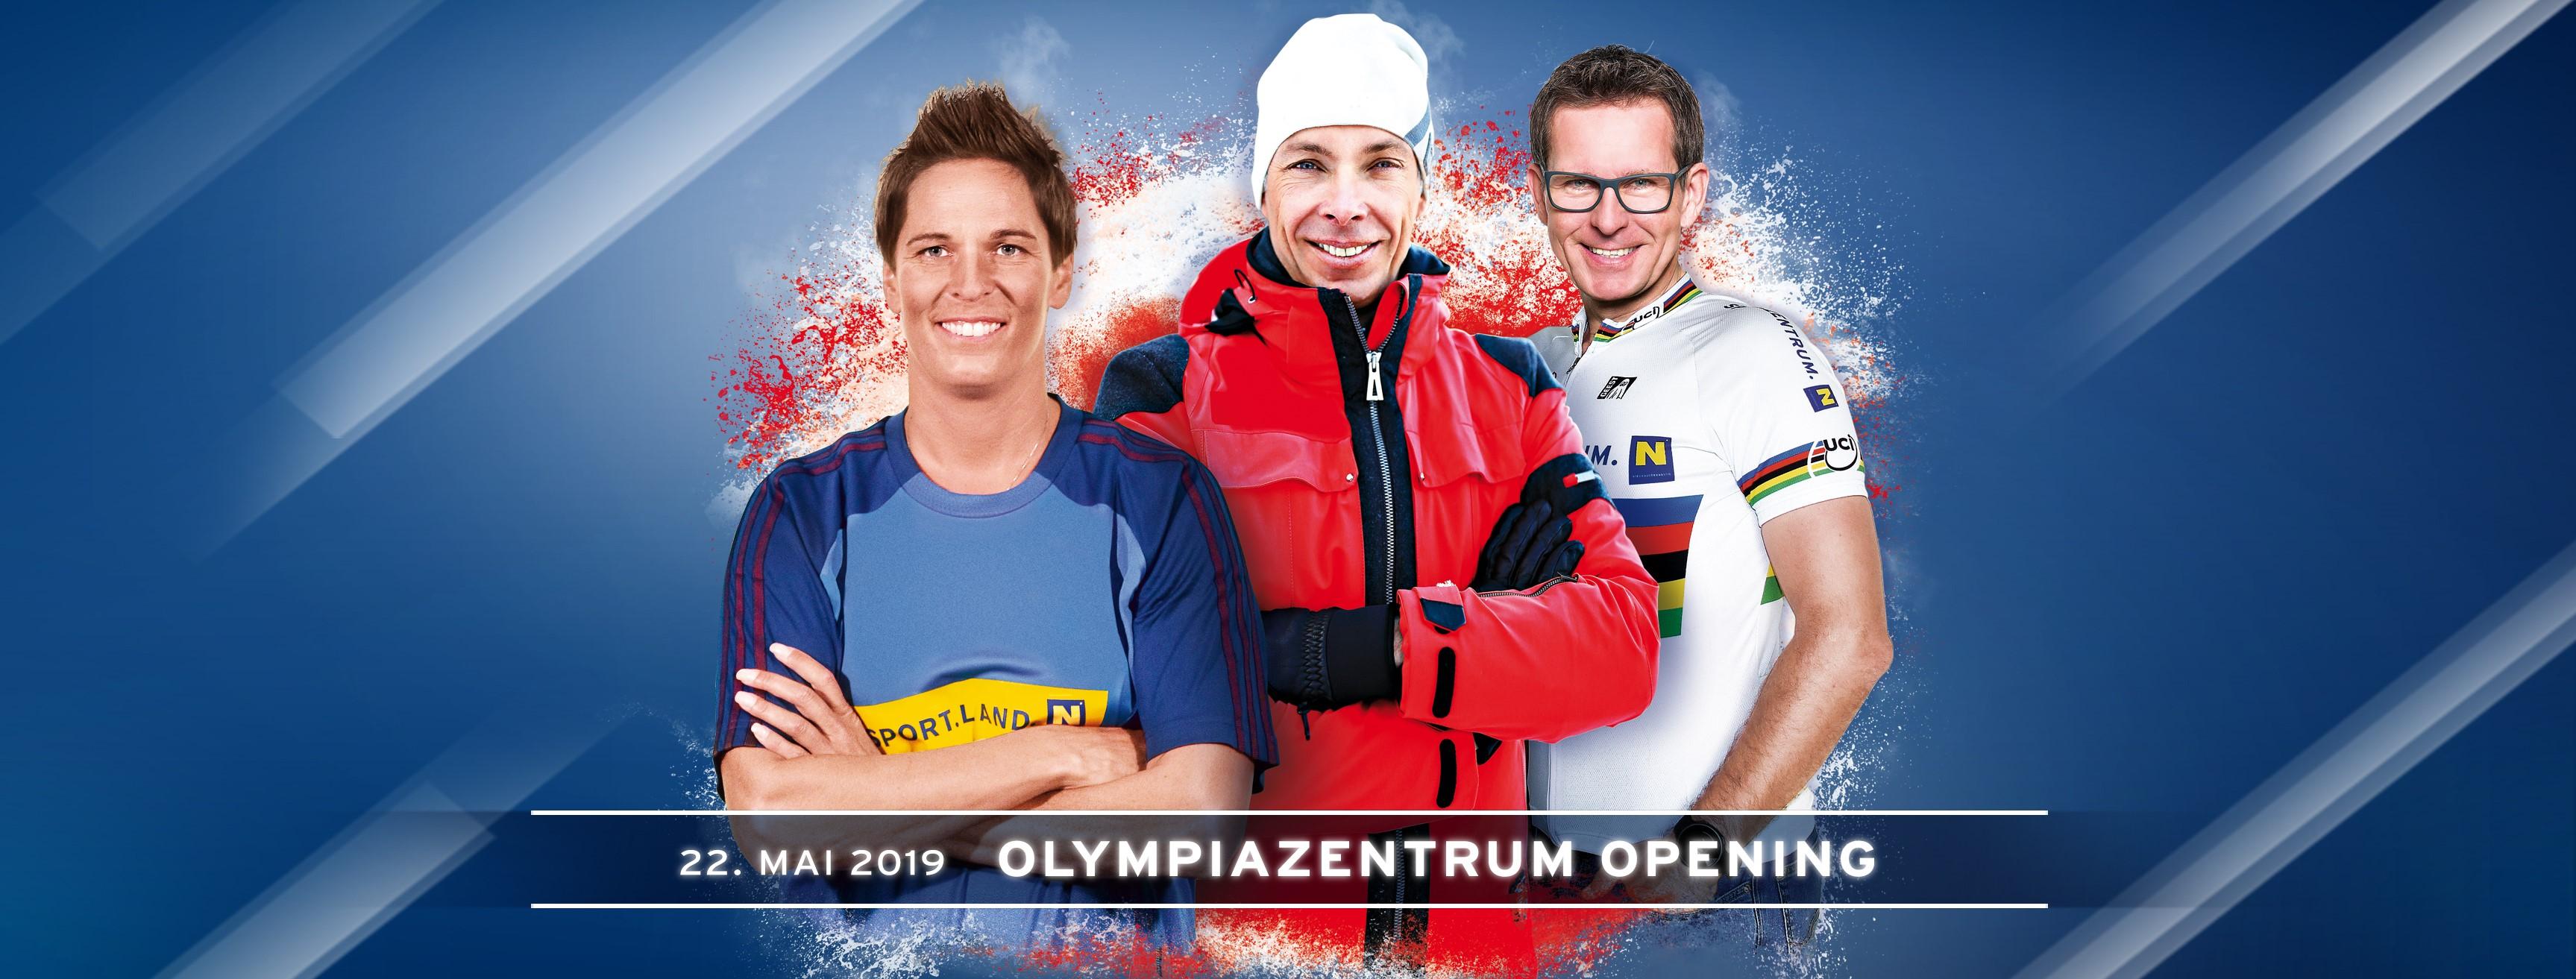 Olympiazentrum Opening